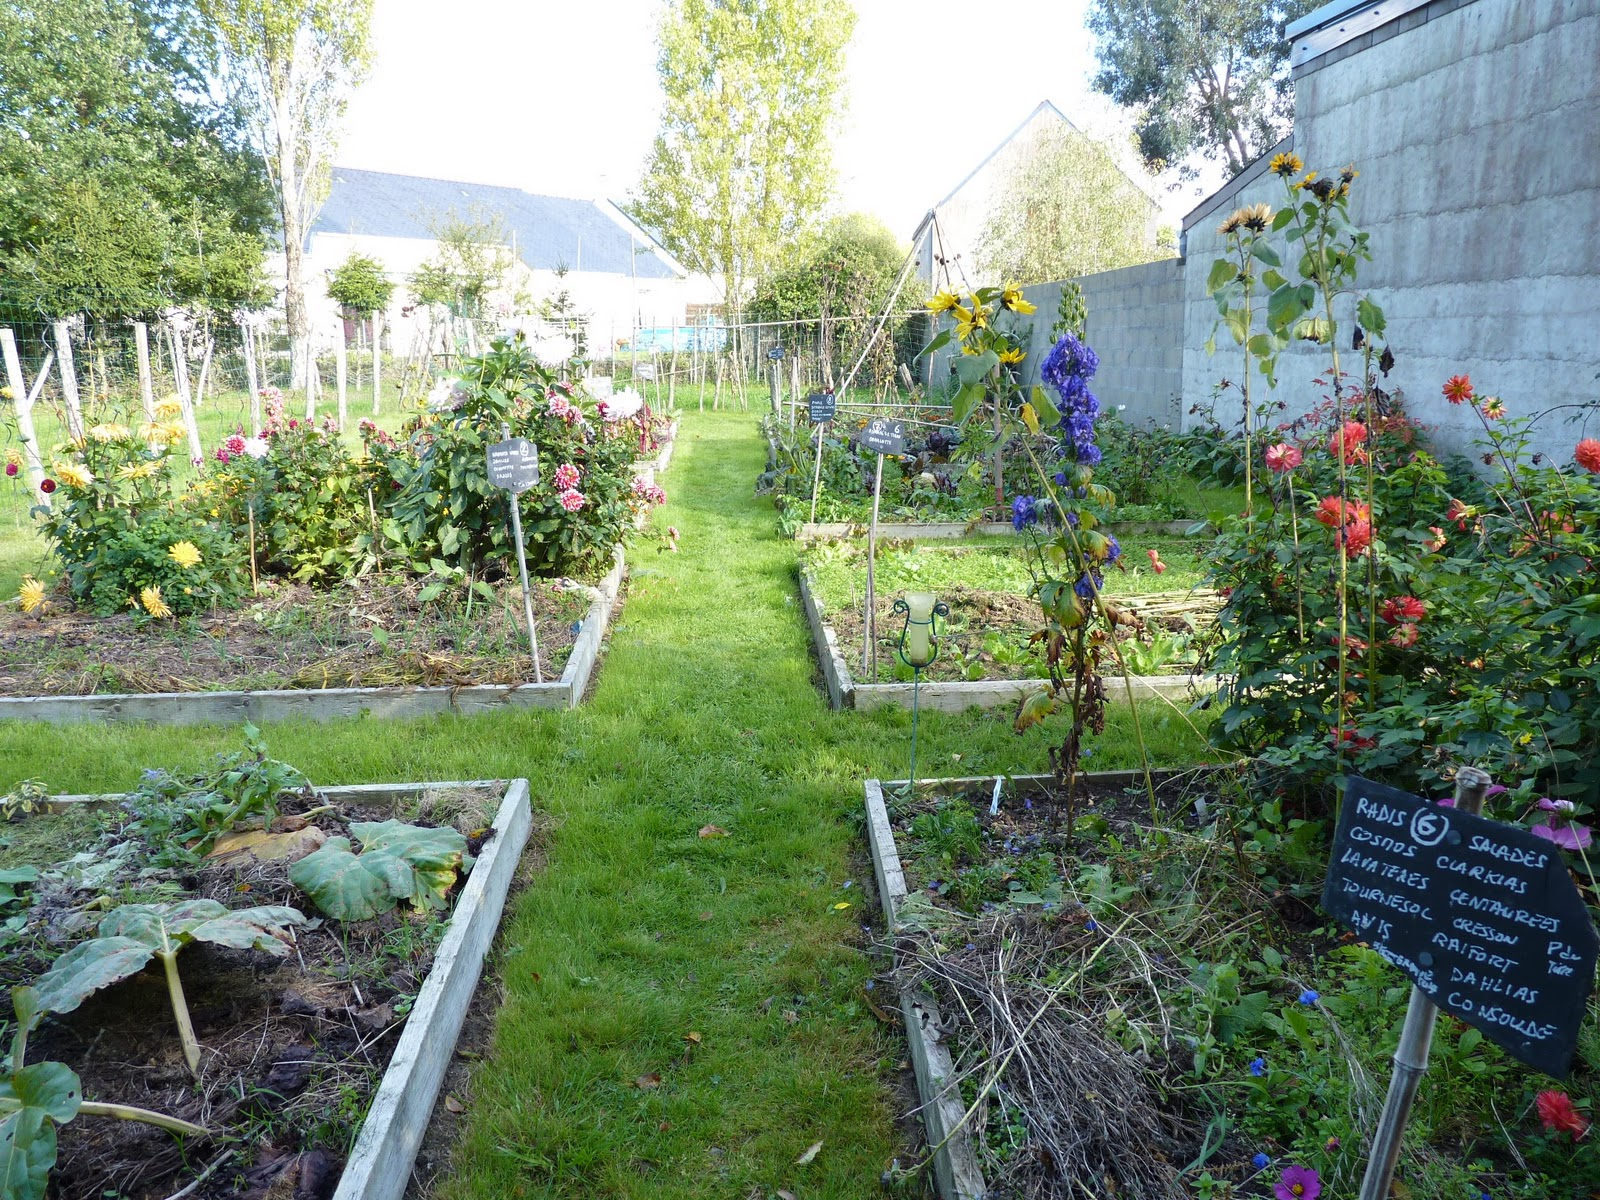 Le jardin de marguerite le potager - Mauvaise herbe jardin potager ...